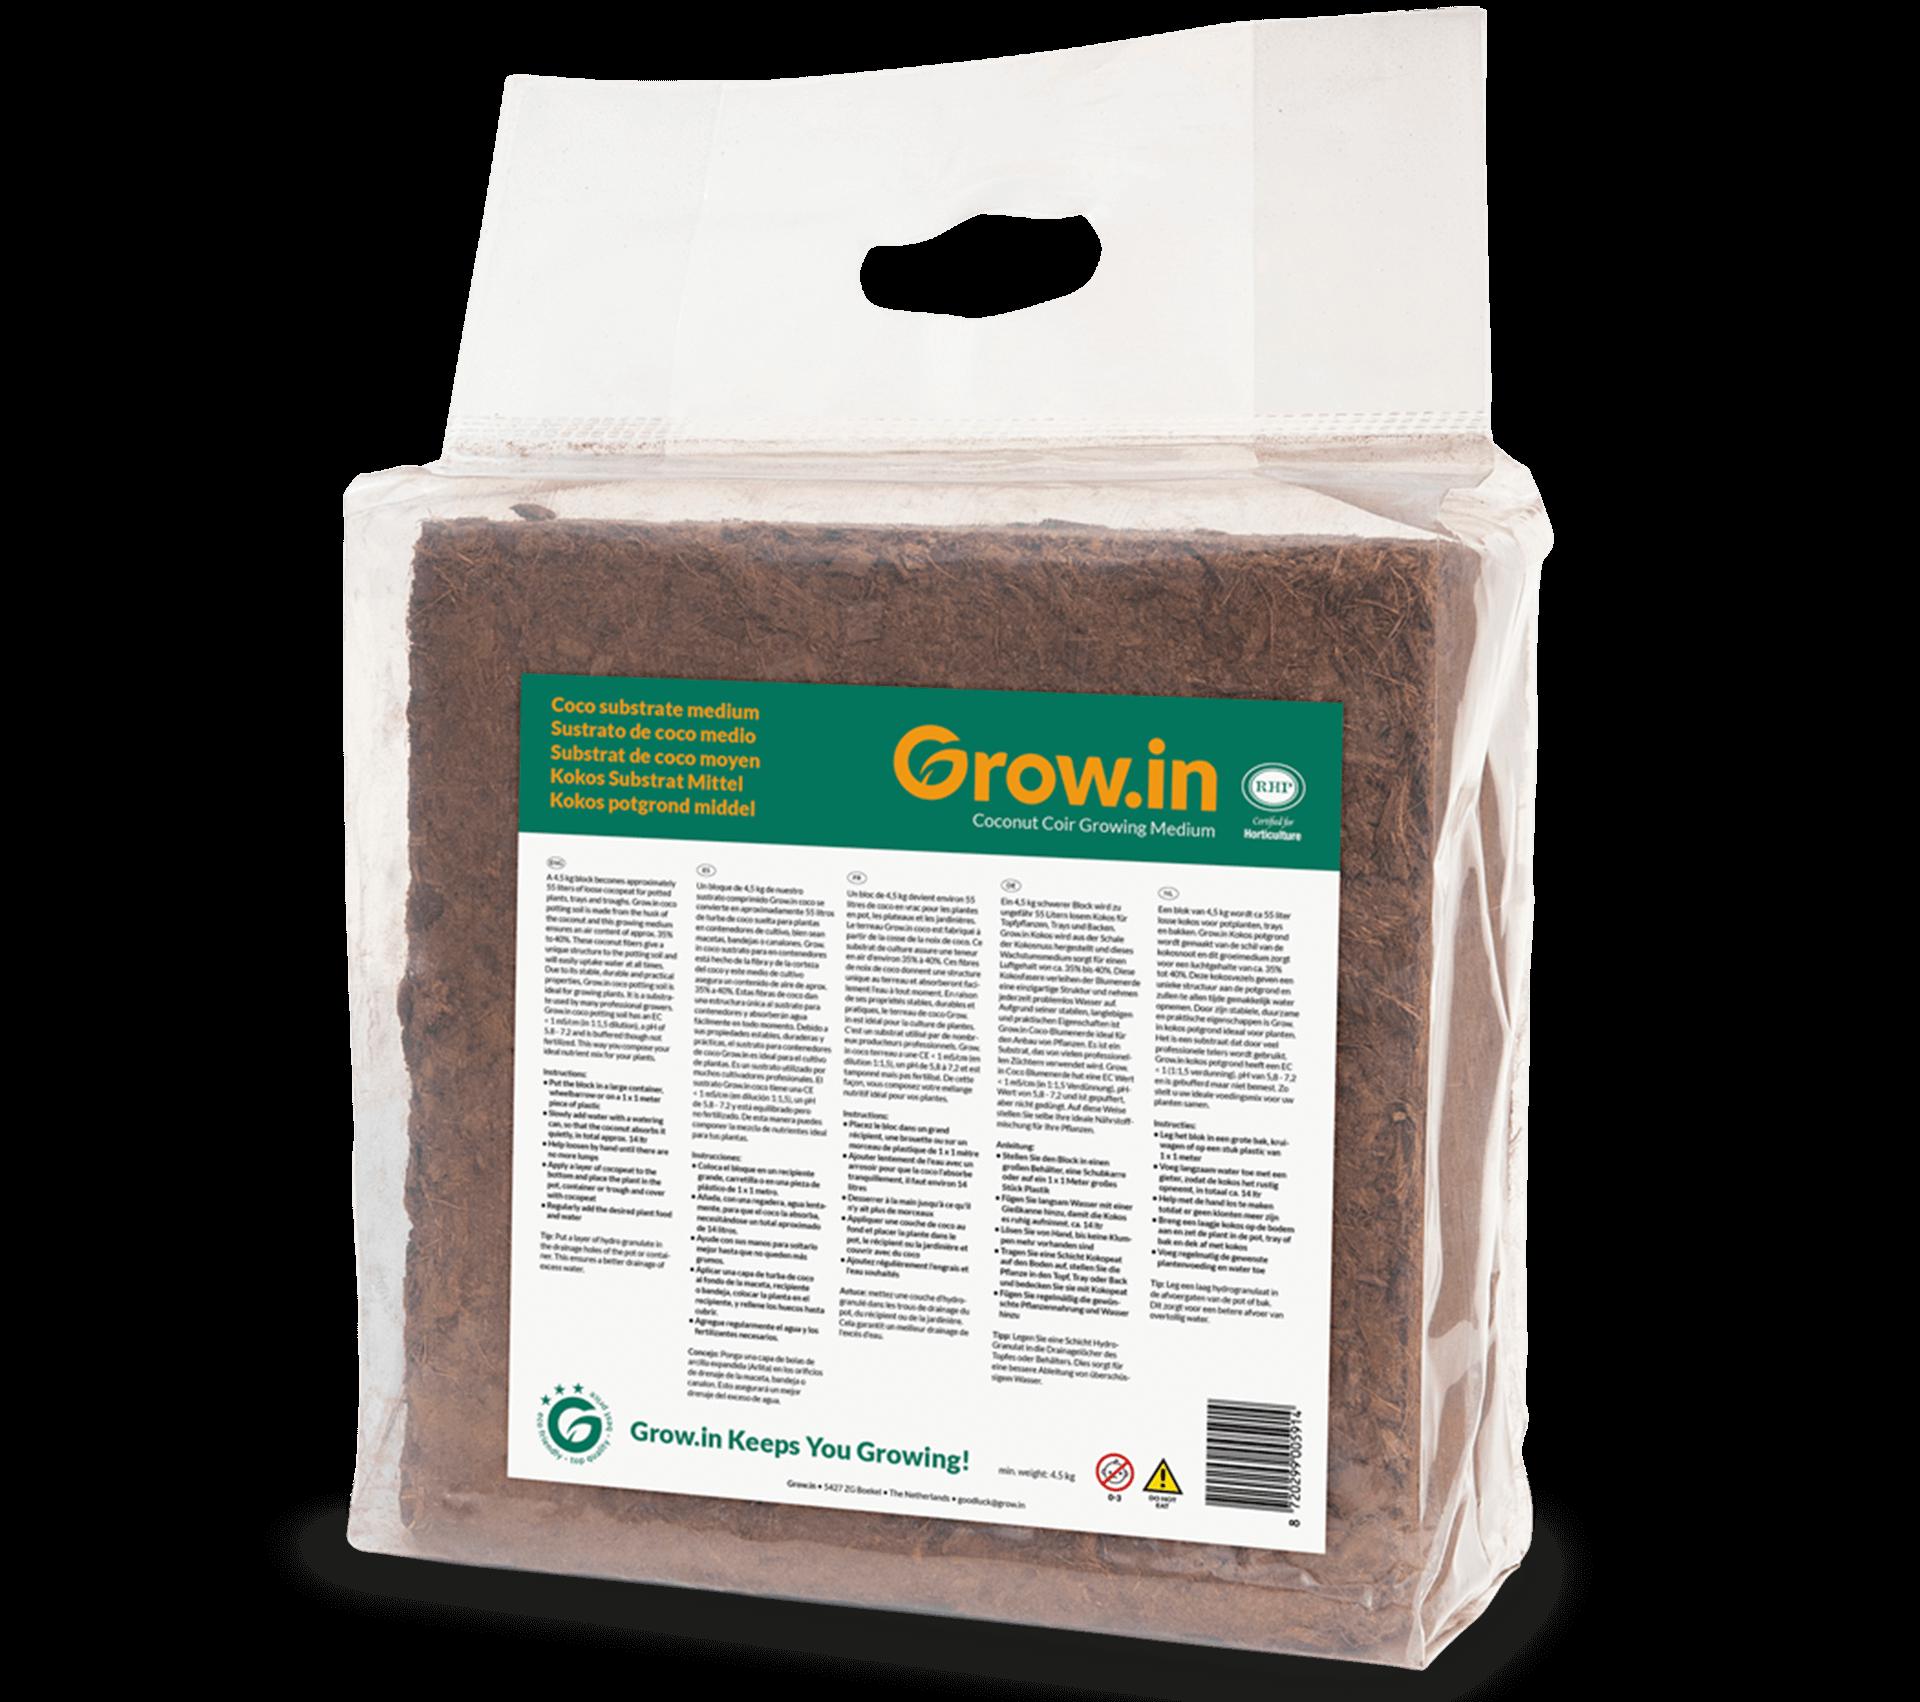 grow.in kokos potgrond mix blok nat